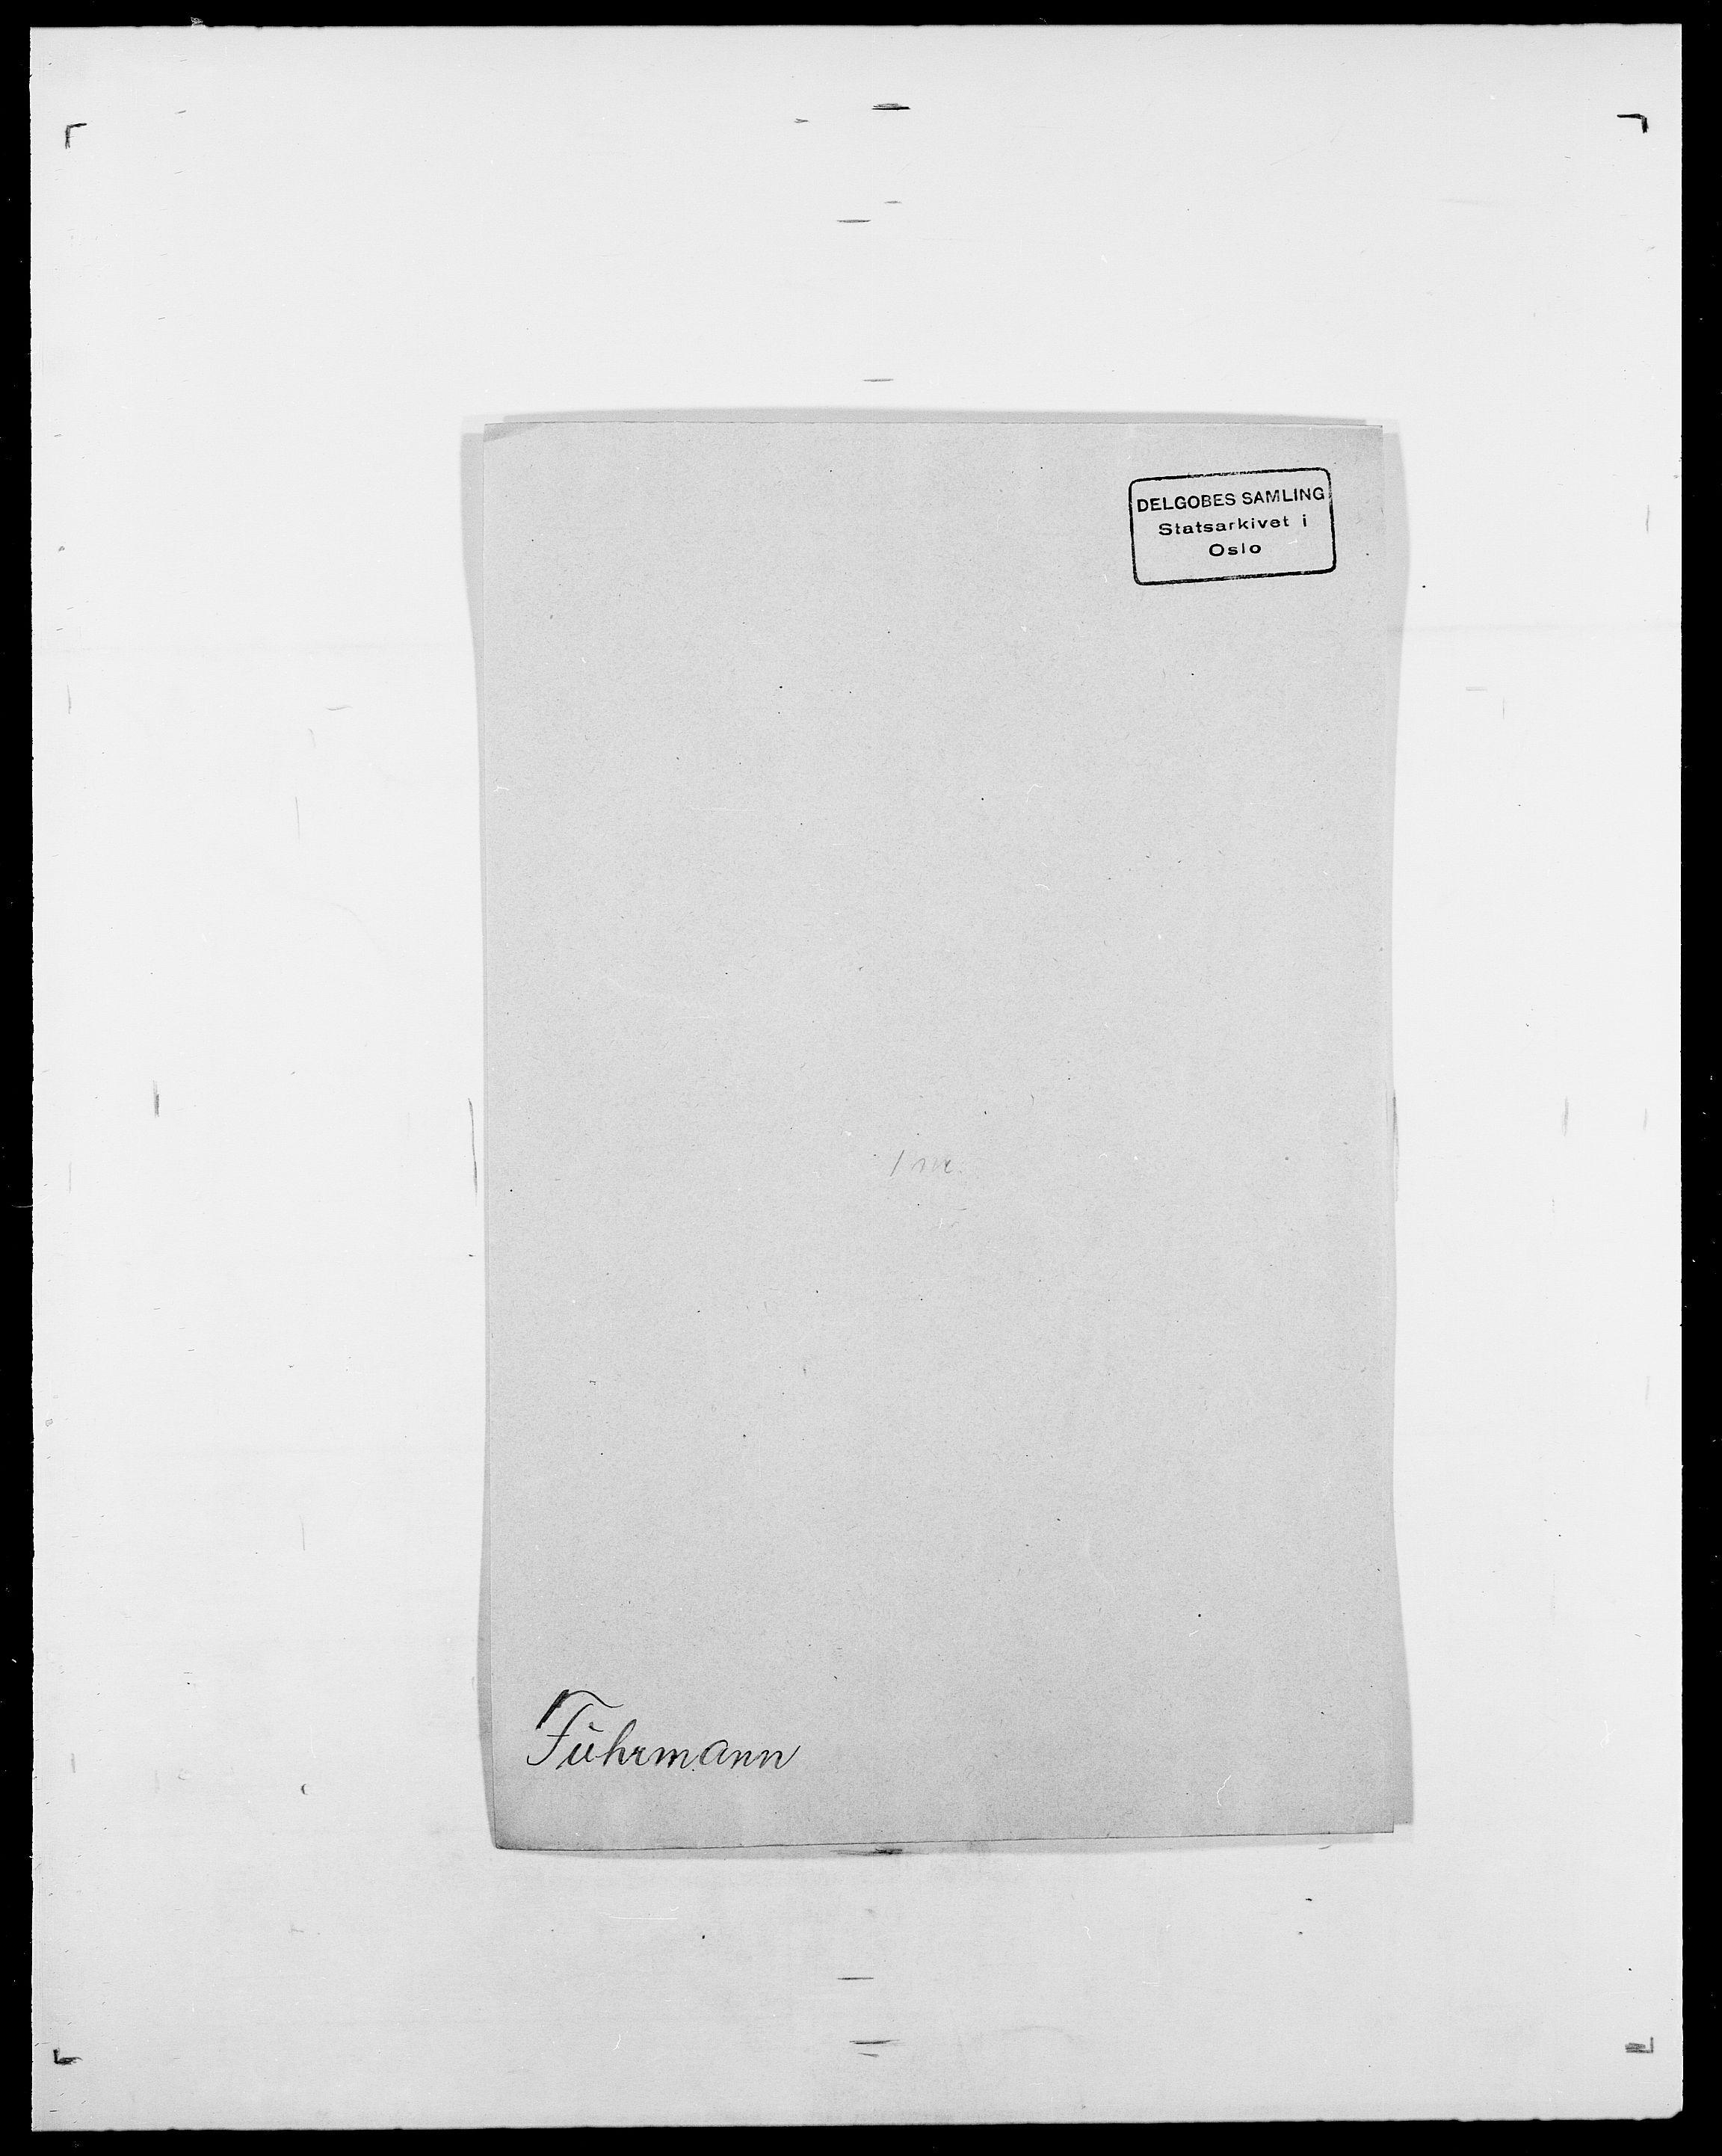 SAO, Delgobe, Charles Antoine - samling, D/Da/L0013: Forbos - Geving, s. 188